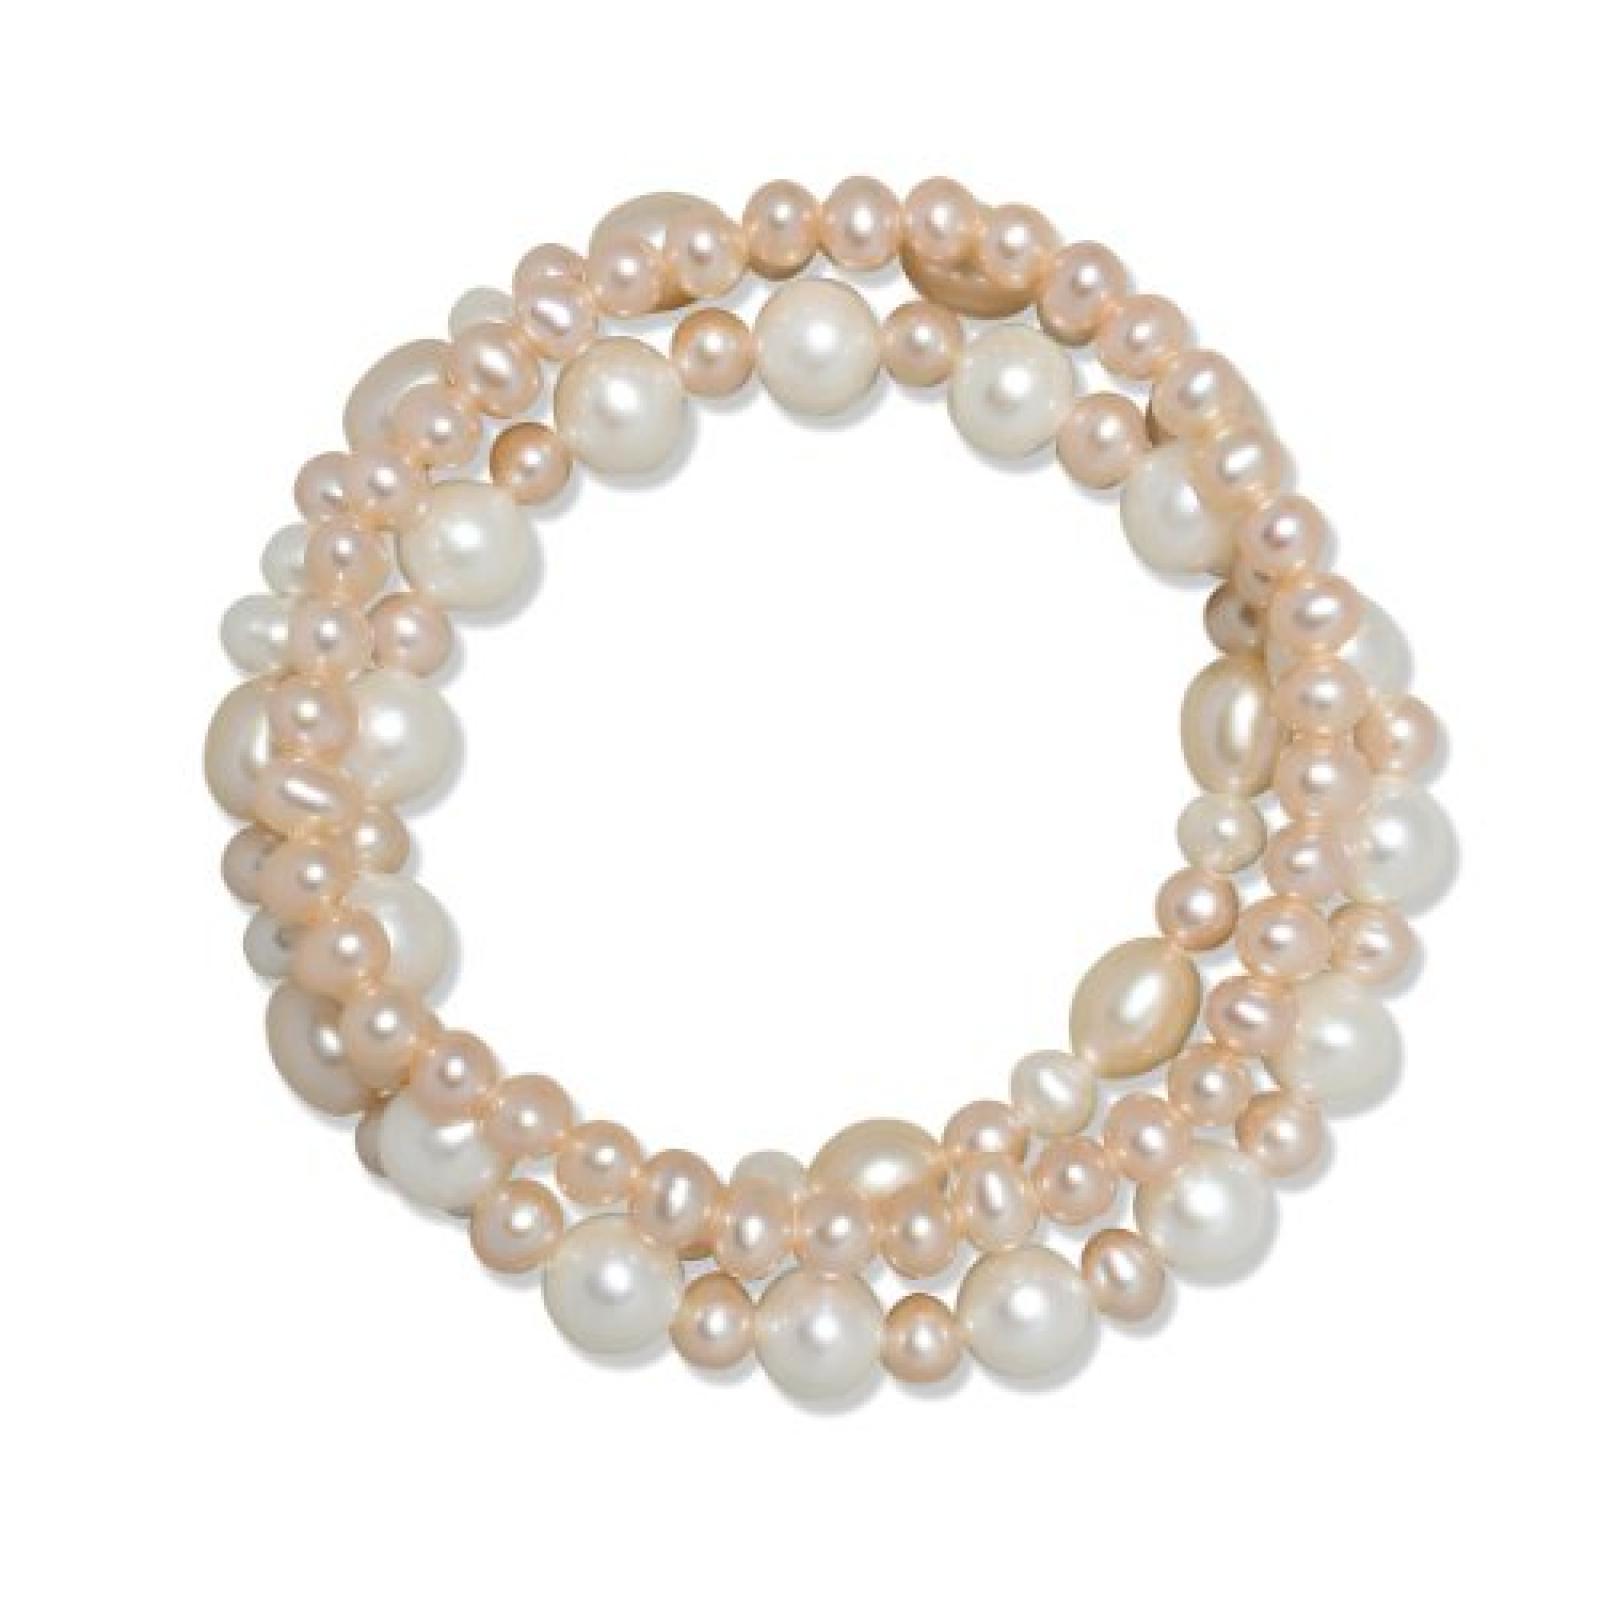 Valero Pearls Classic Collection Damen-Armband elastisch Hochwertige Süßwasser-Zuchtperlen in ca.  5-8 mm Oval weiß / apricot     19 cm   60020048